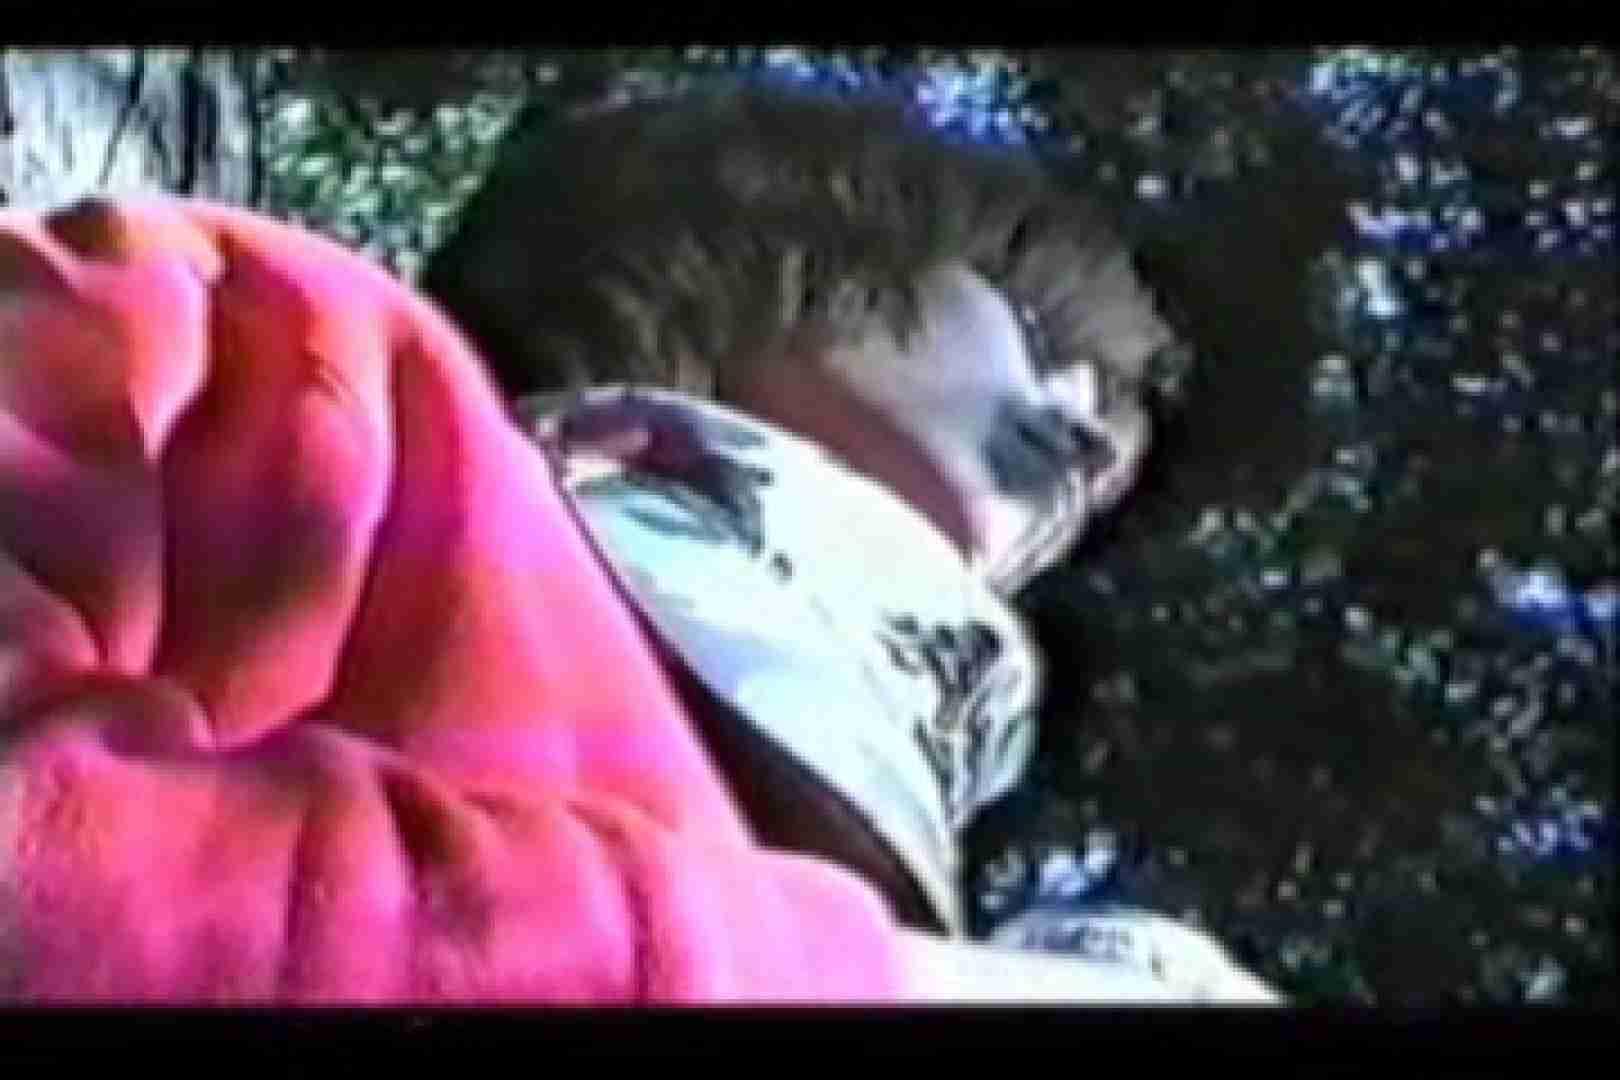 オールドゲイシリーズ  美少年ひかるのオープンファック アナル舐め ゲイ肛門画像 83枚 16